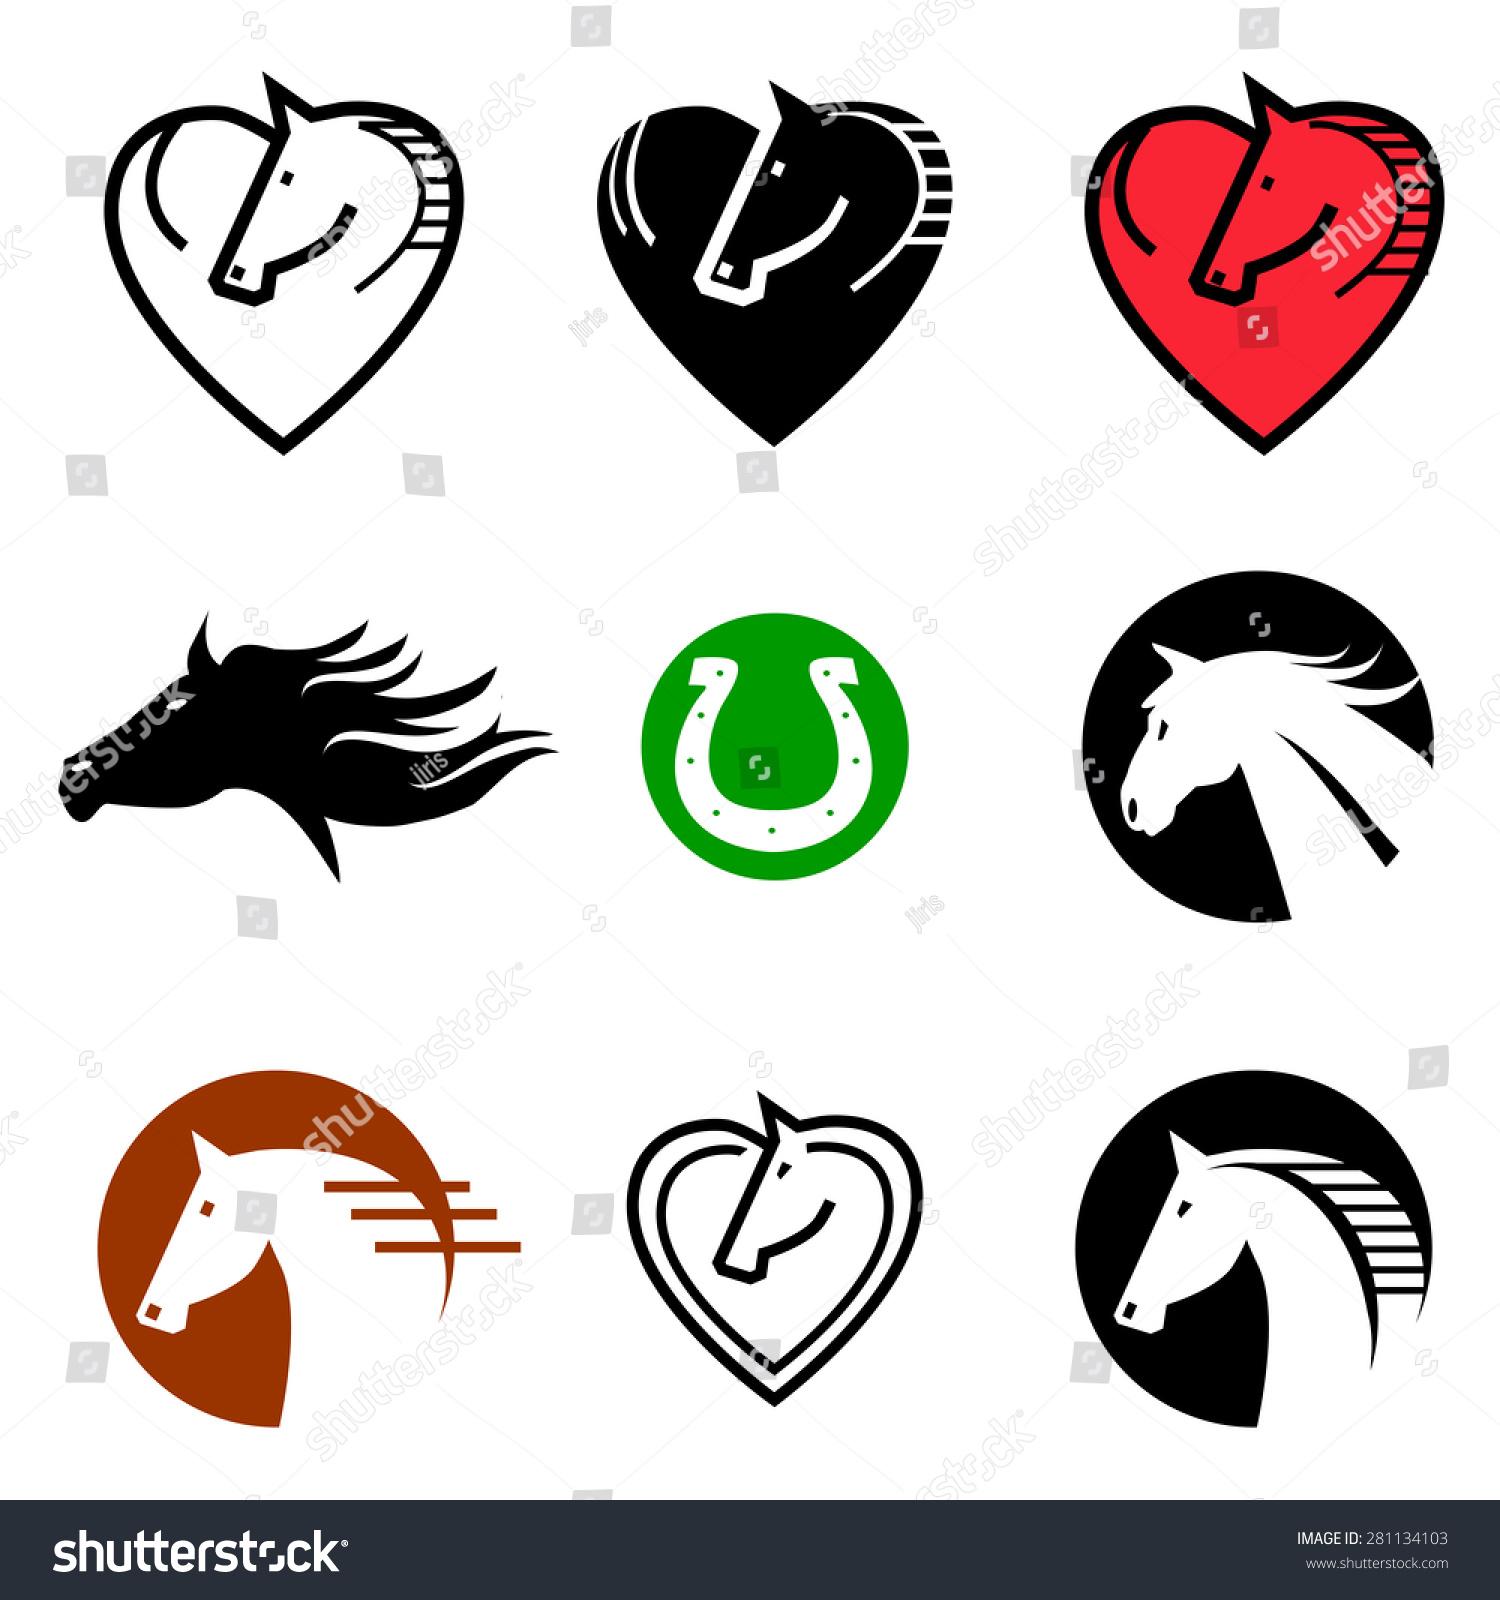 Horse icons symbols set horse icons symbols stock vector 281134103 horse icons symbols set of horse icons and symbols vector illustration buycottarizona